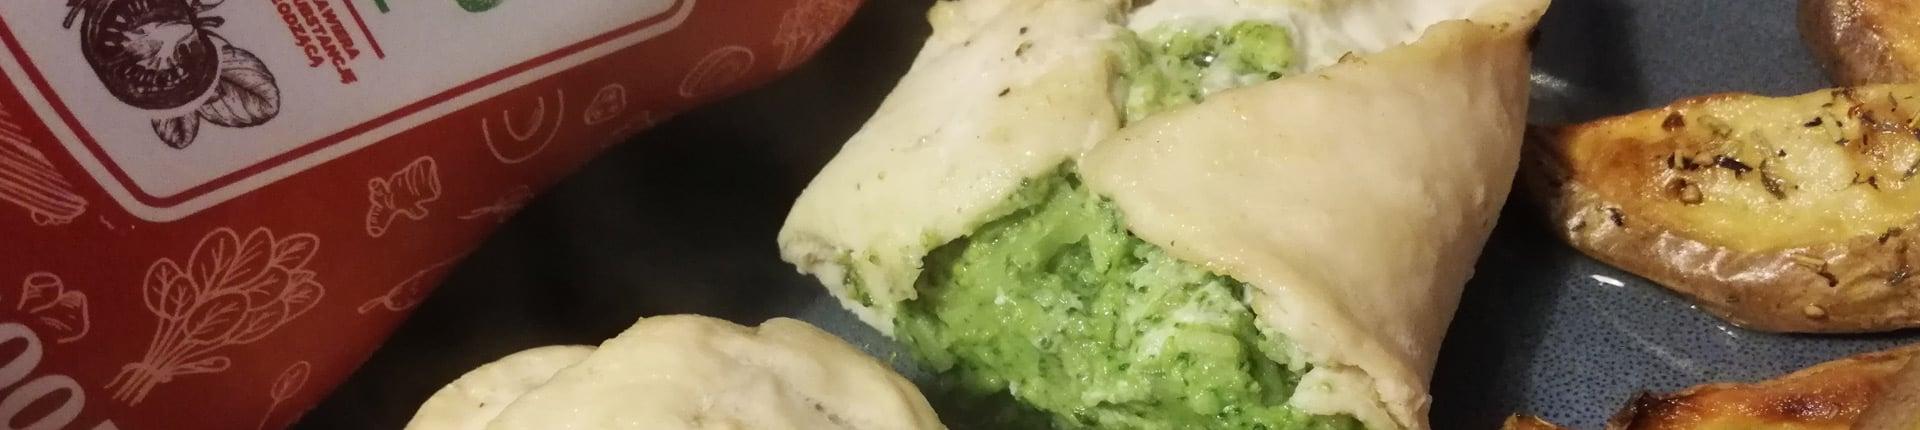 Kurczak faszerowany brokułami i parmezanem